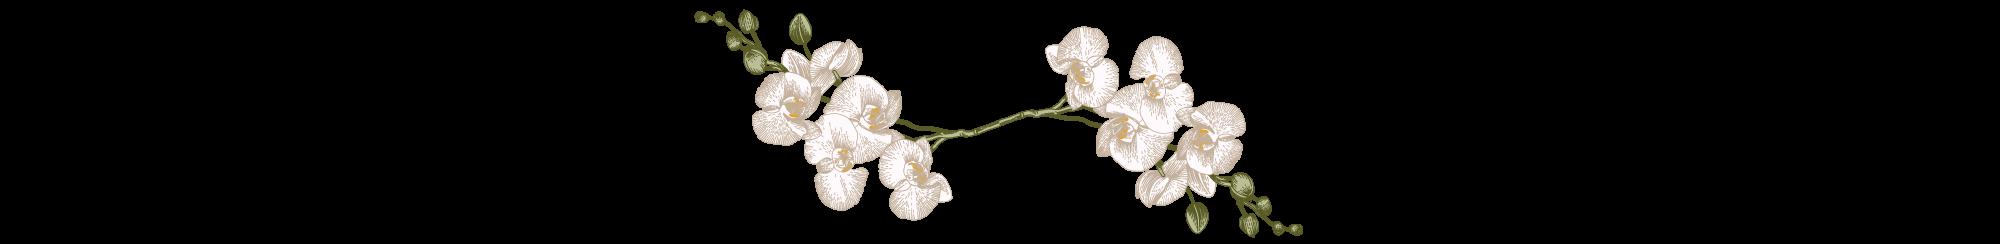 Divider-white-flower.png